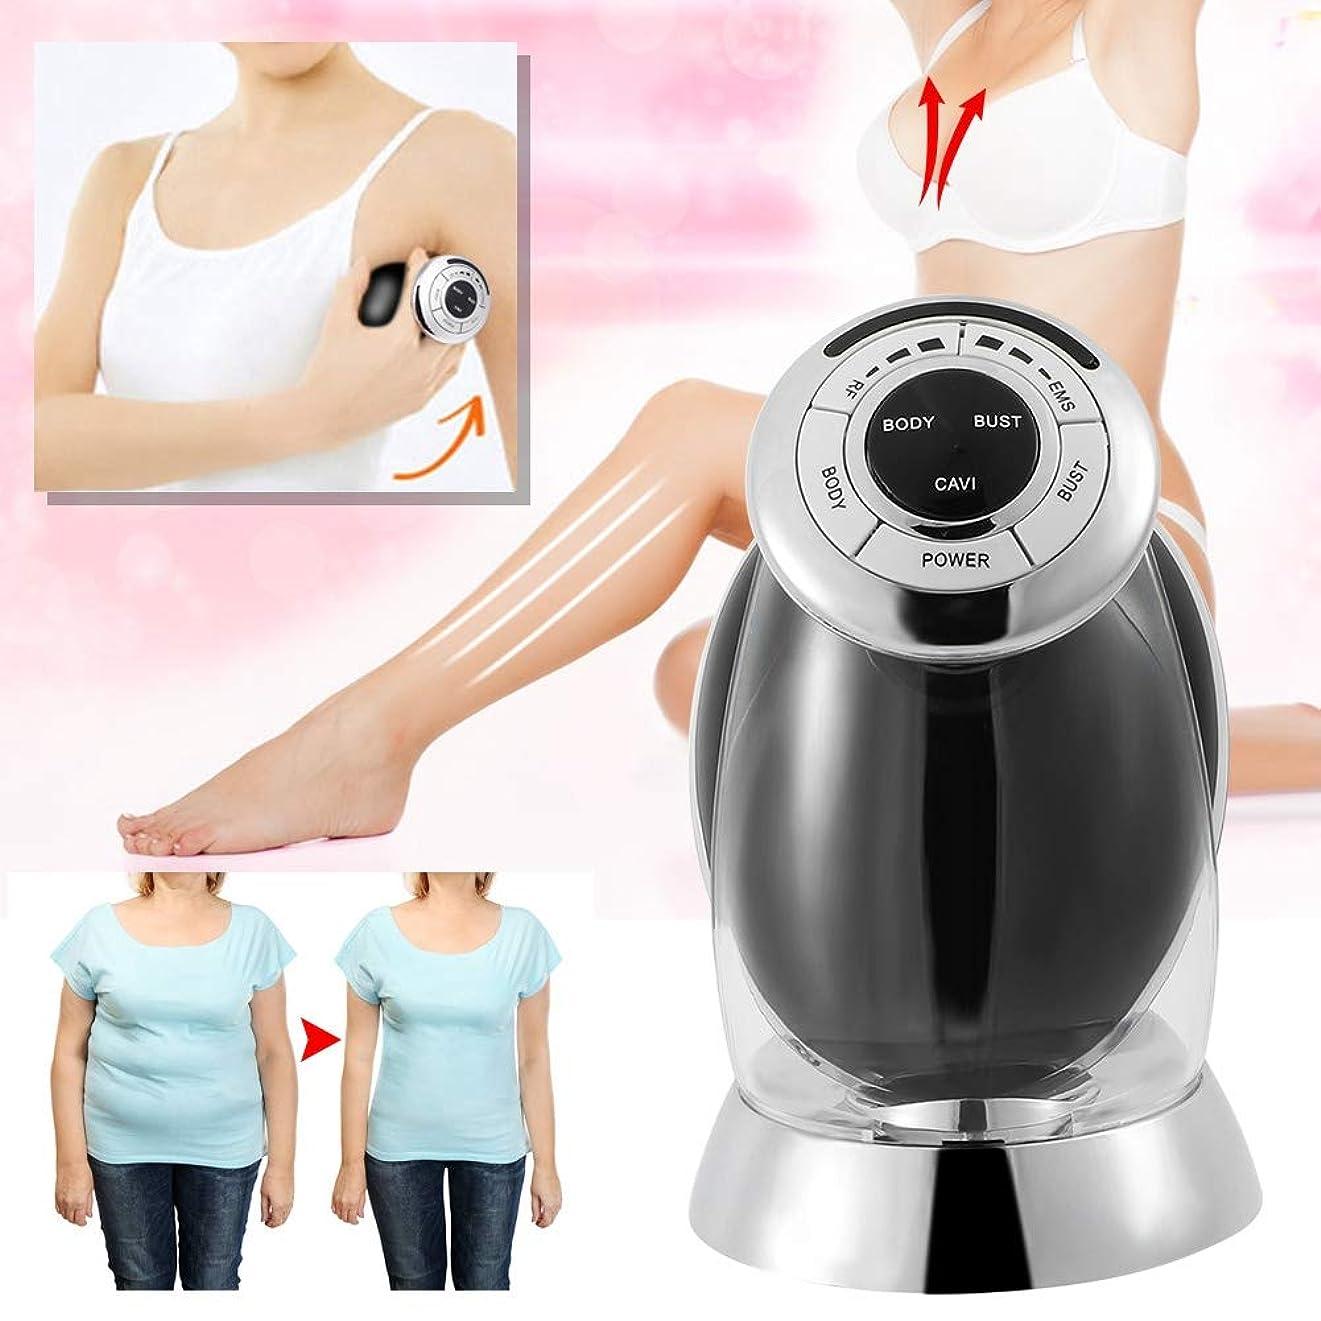 正当な高速道路シャーロットブロンテ胸美容ツール、ボディ痩身マシン、EMS RF脂肪燃焼マシン、痩身ボディ、乳房脂肪美容機器の燃焼用(AU)